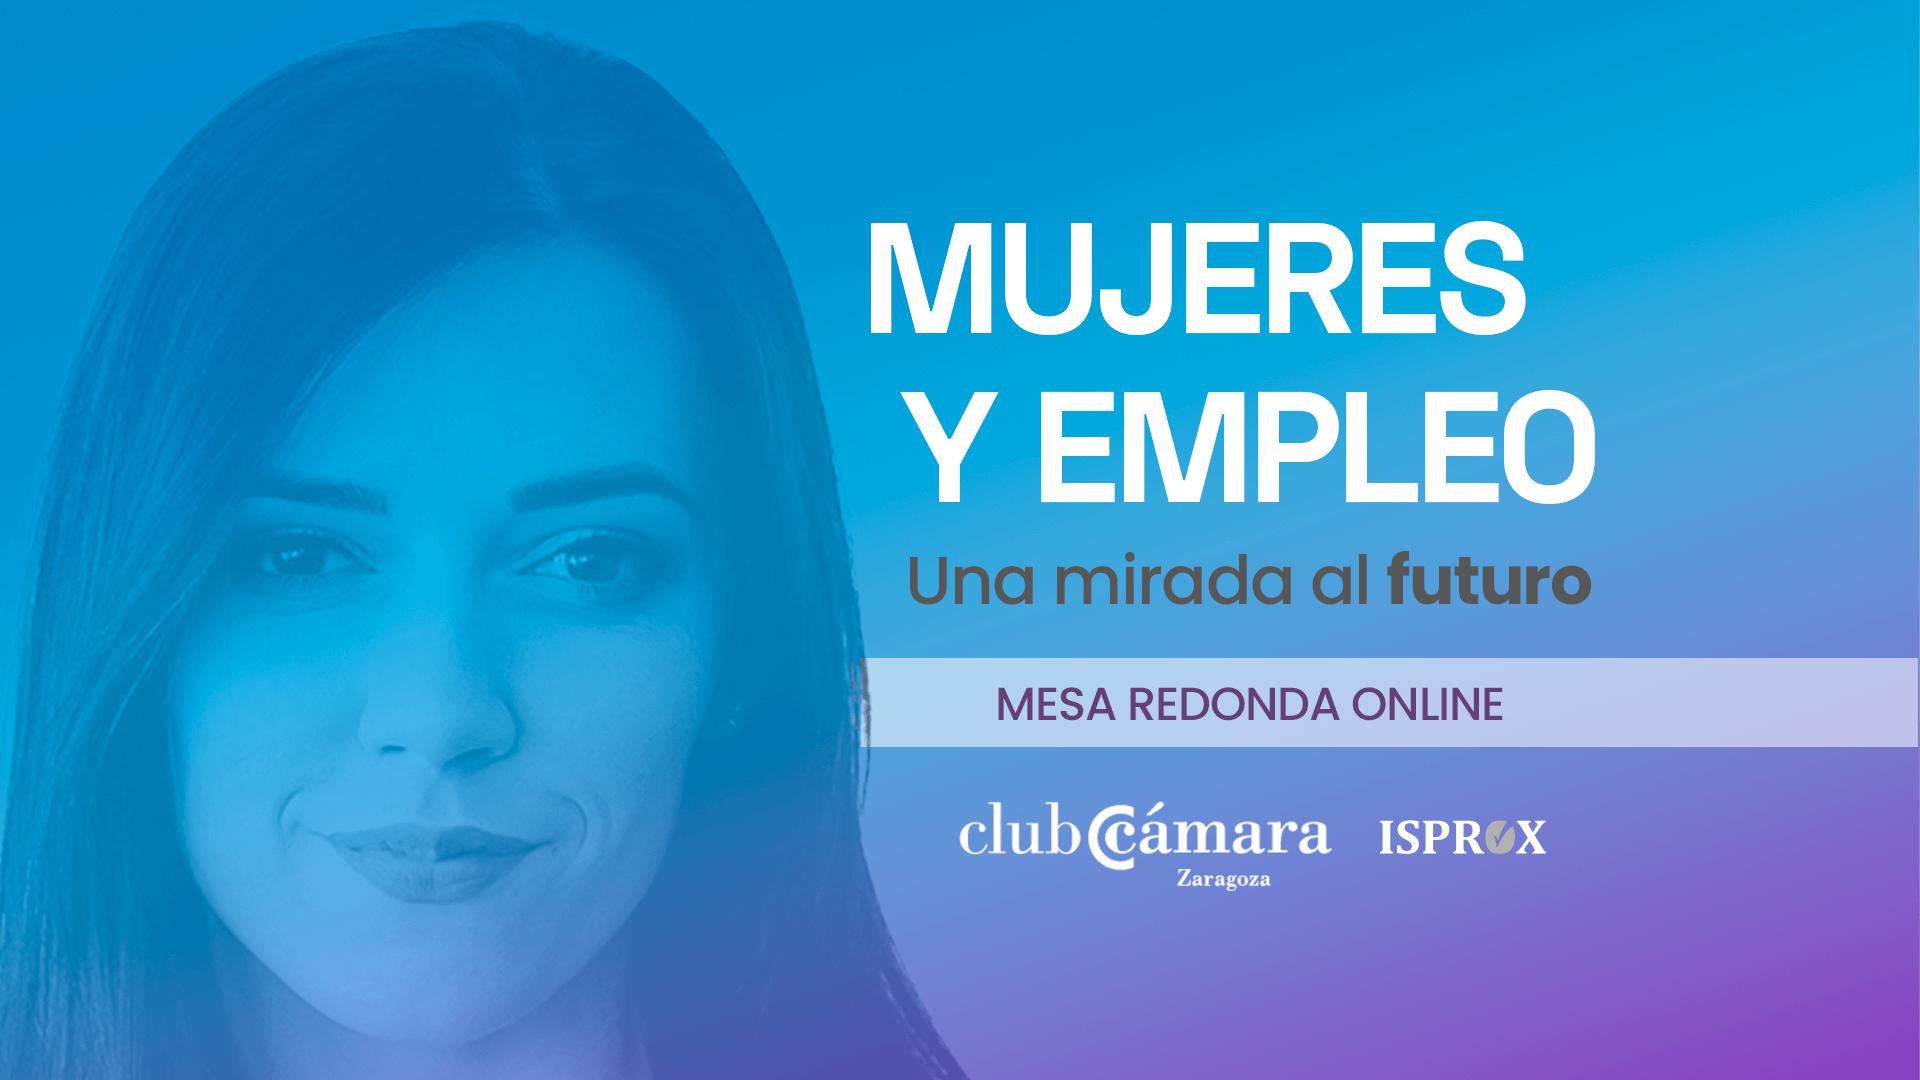 Banner del evento Mujeres y Empleo organizado por ISPROX y la Cámara de Comercio de Zaragoza.